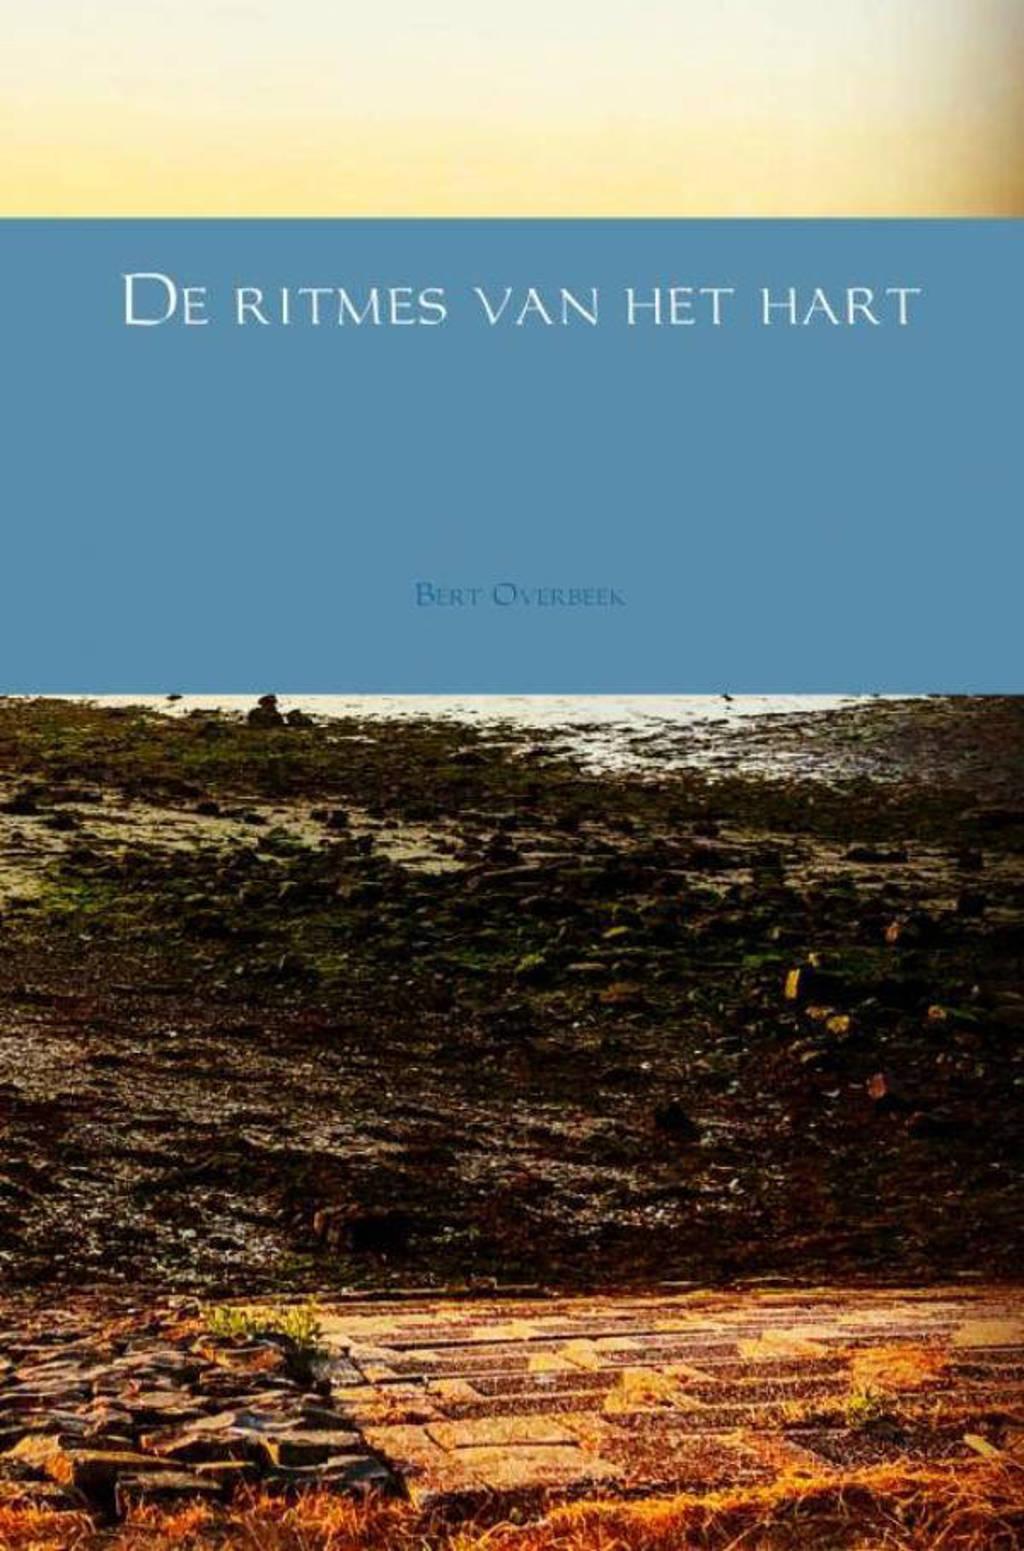 De ritmes van het hart - Bert Overbeek